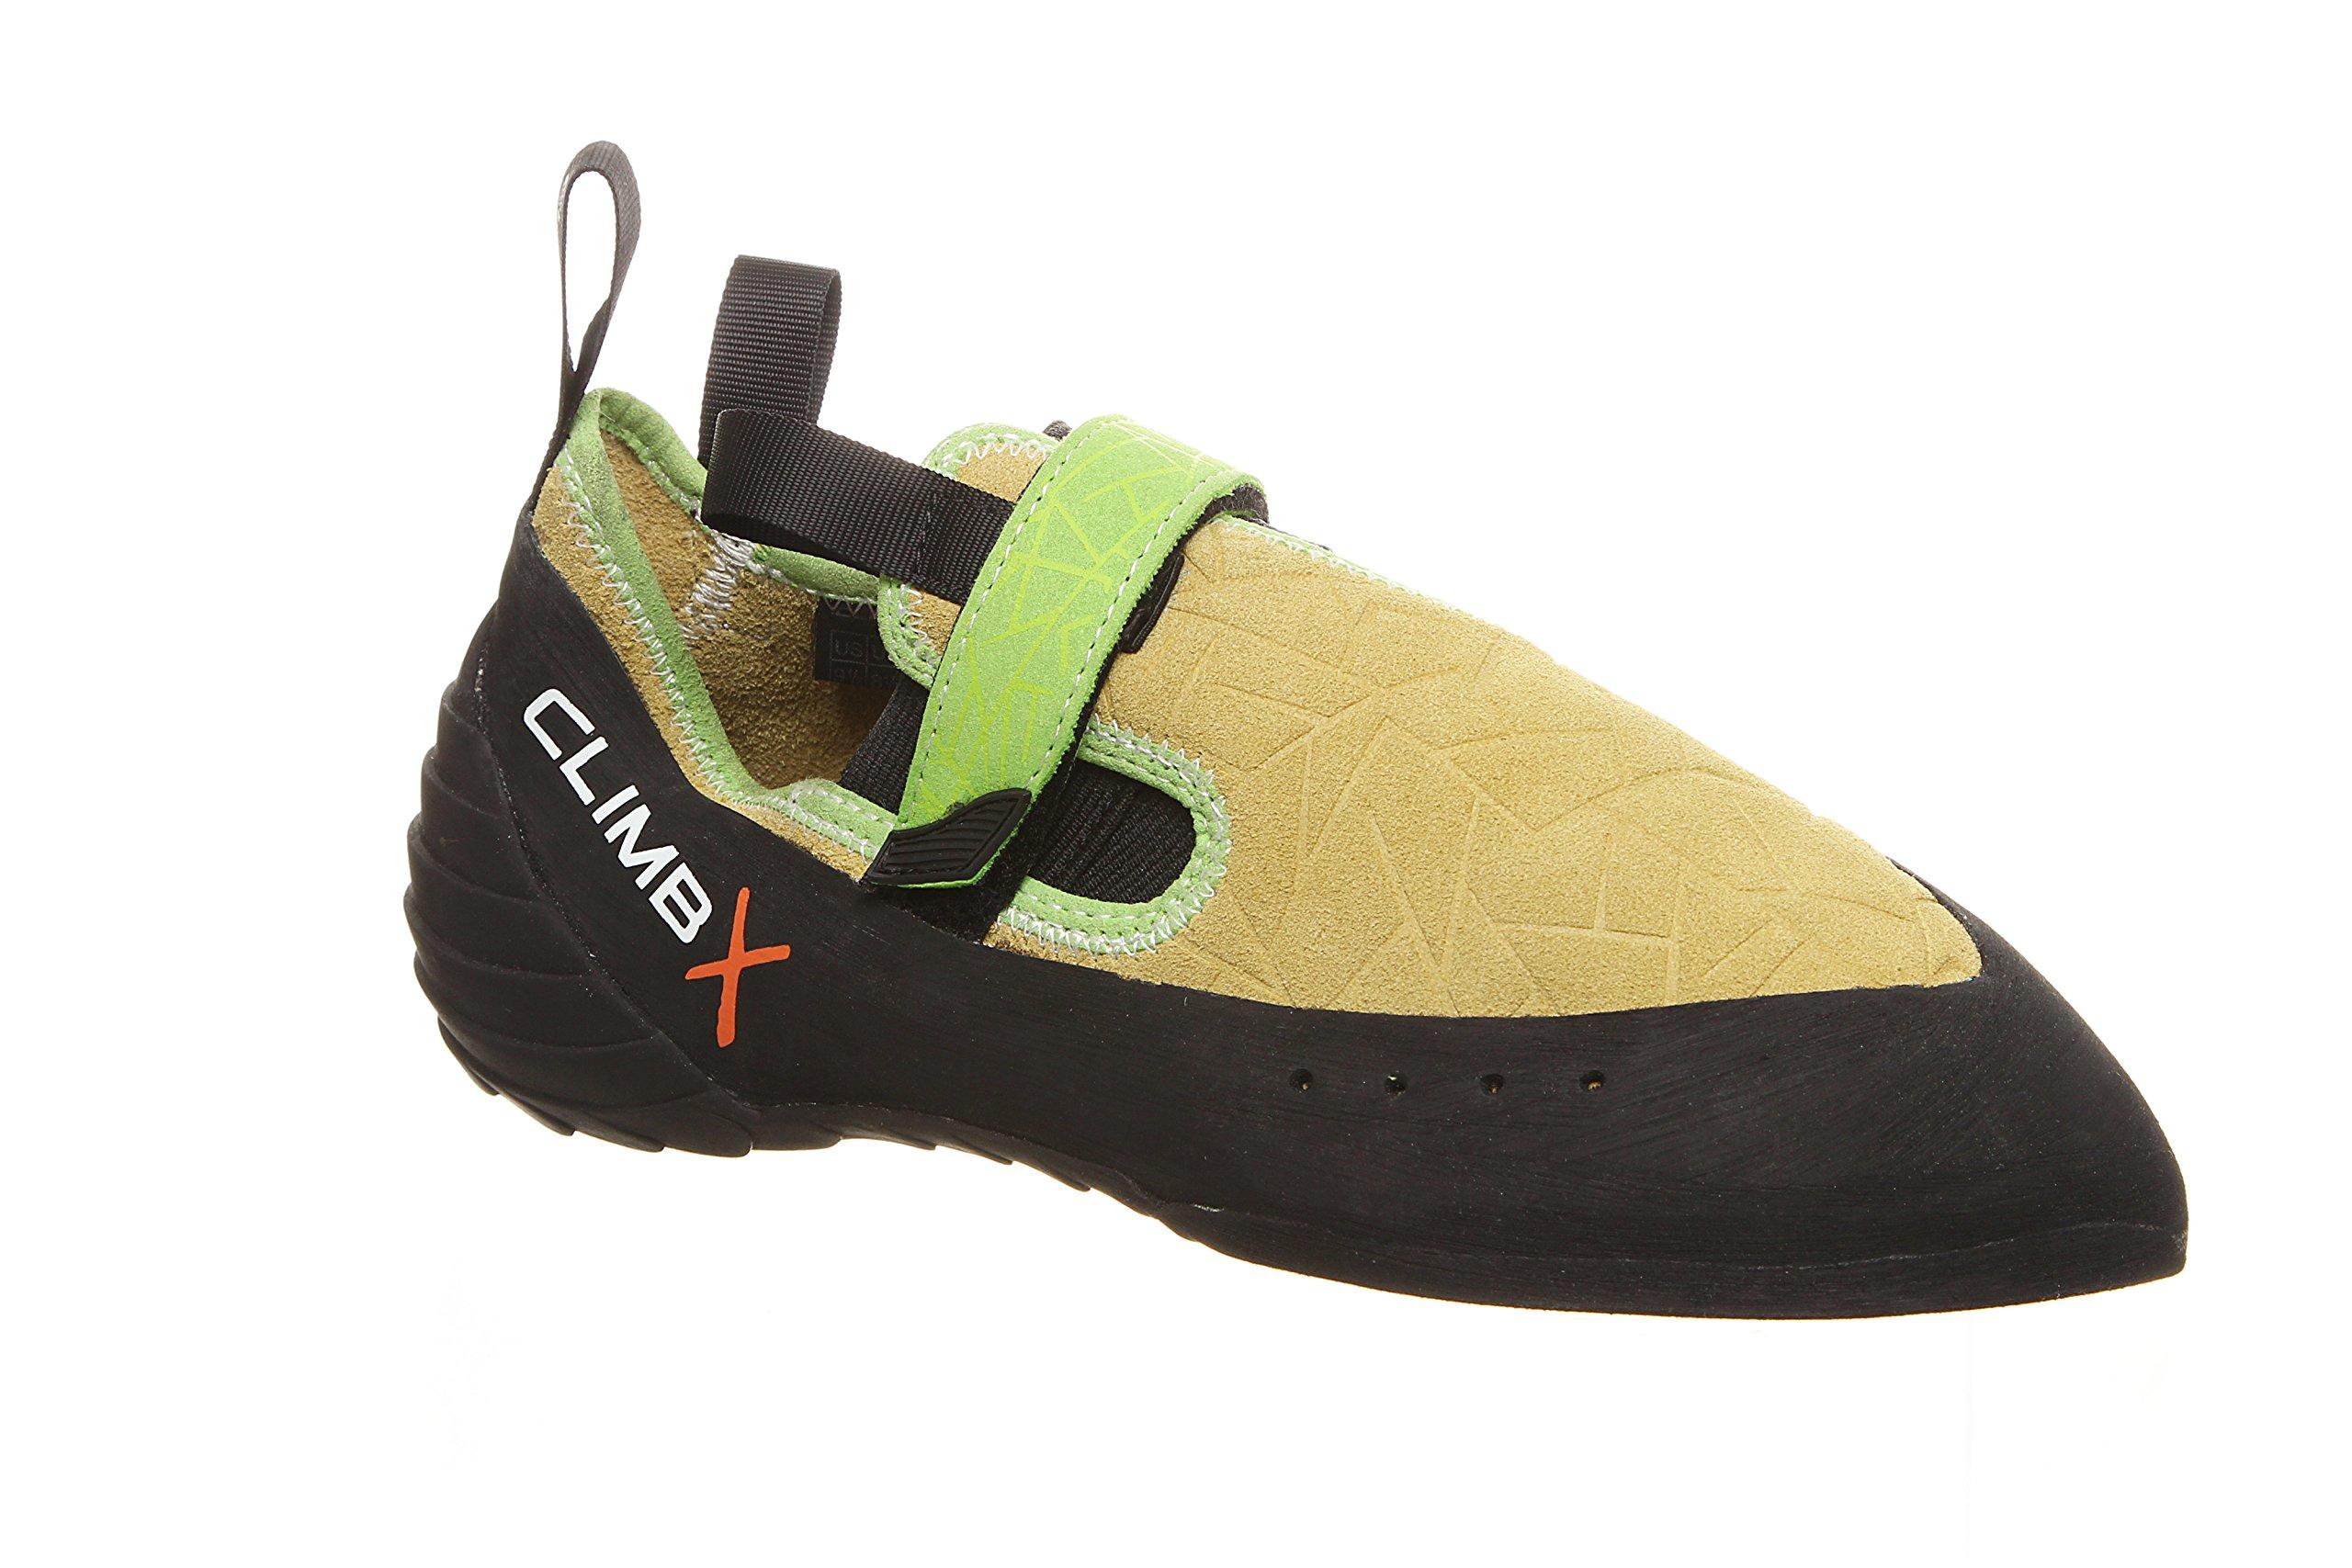 Climb X Zion Climbing Shoe with Free Sickle M-16 Climbing Brush (Men's 5.5, Yellow) by Climb X